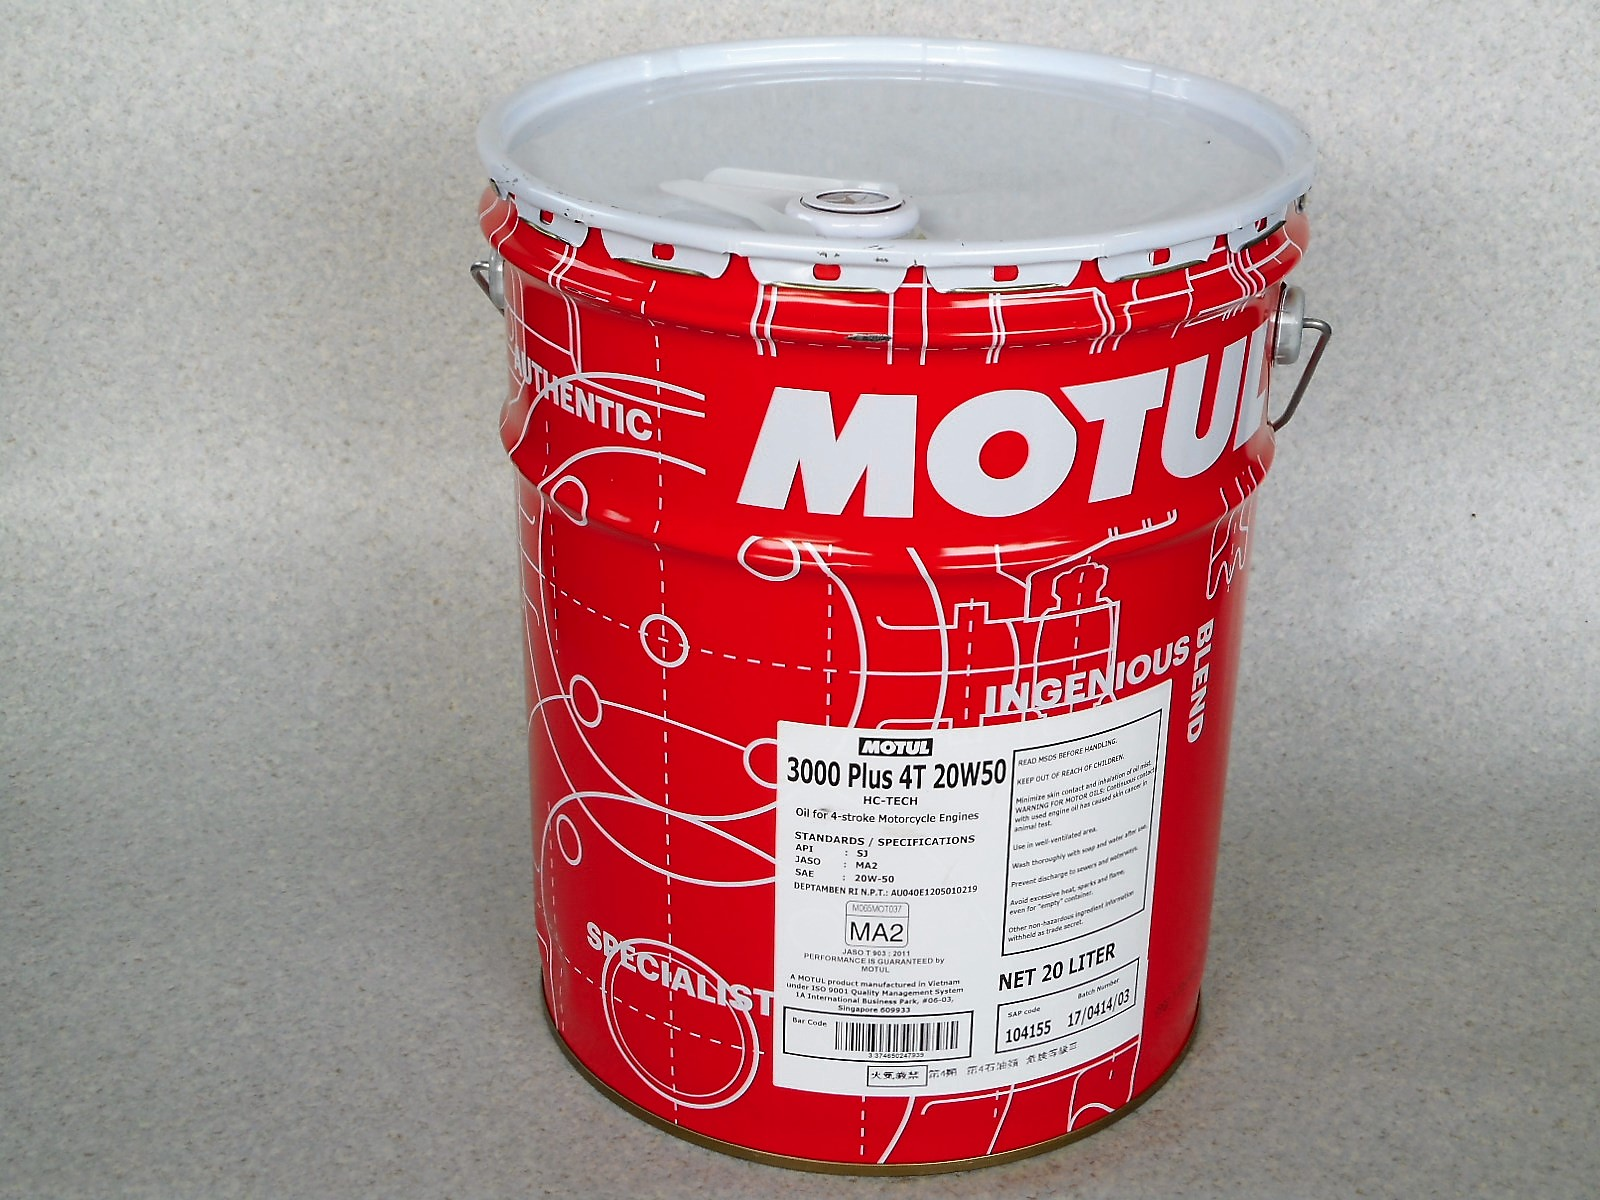 [国内正規品] MOTUL 3000 PLUS 【20W-50 20L×1缶】 モチュール バイク 2輪 ミネラル 4サイクル 4ストローク オイル エンジンオイル 20W50 モチュールオイル 20l ペール 業務用